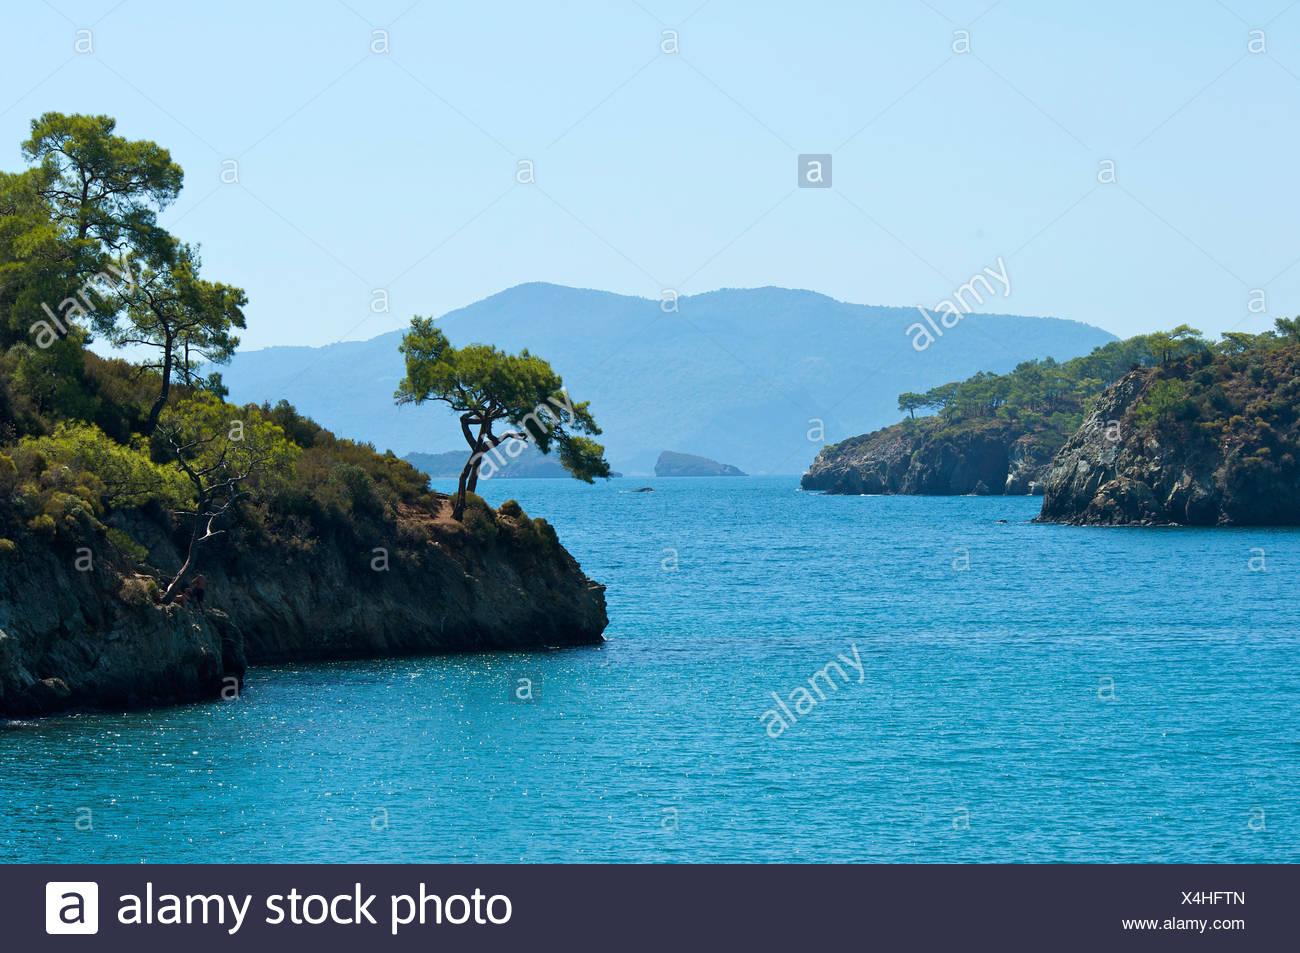 Coastal vegetation, Turkish Aegean Coast, Turkey - Stock Image